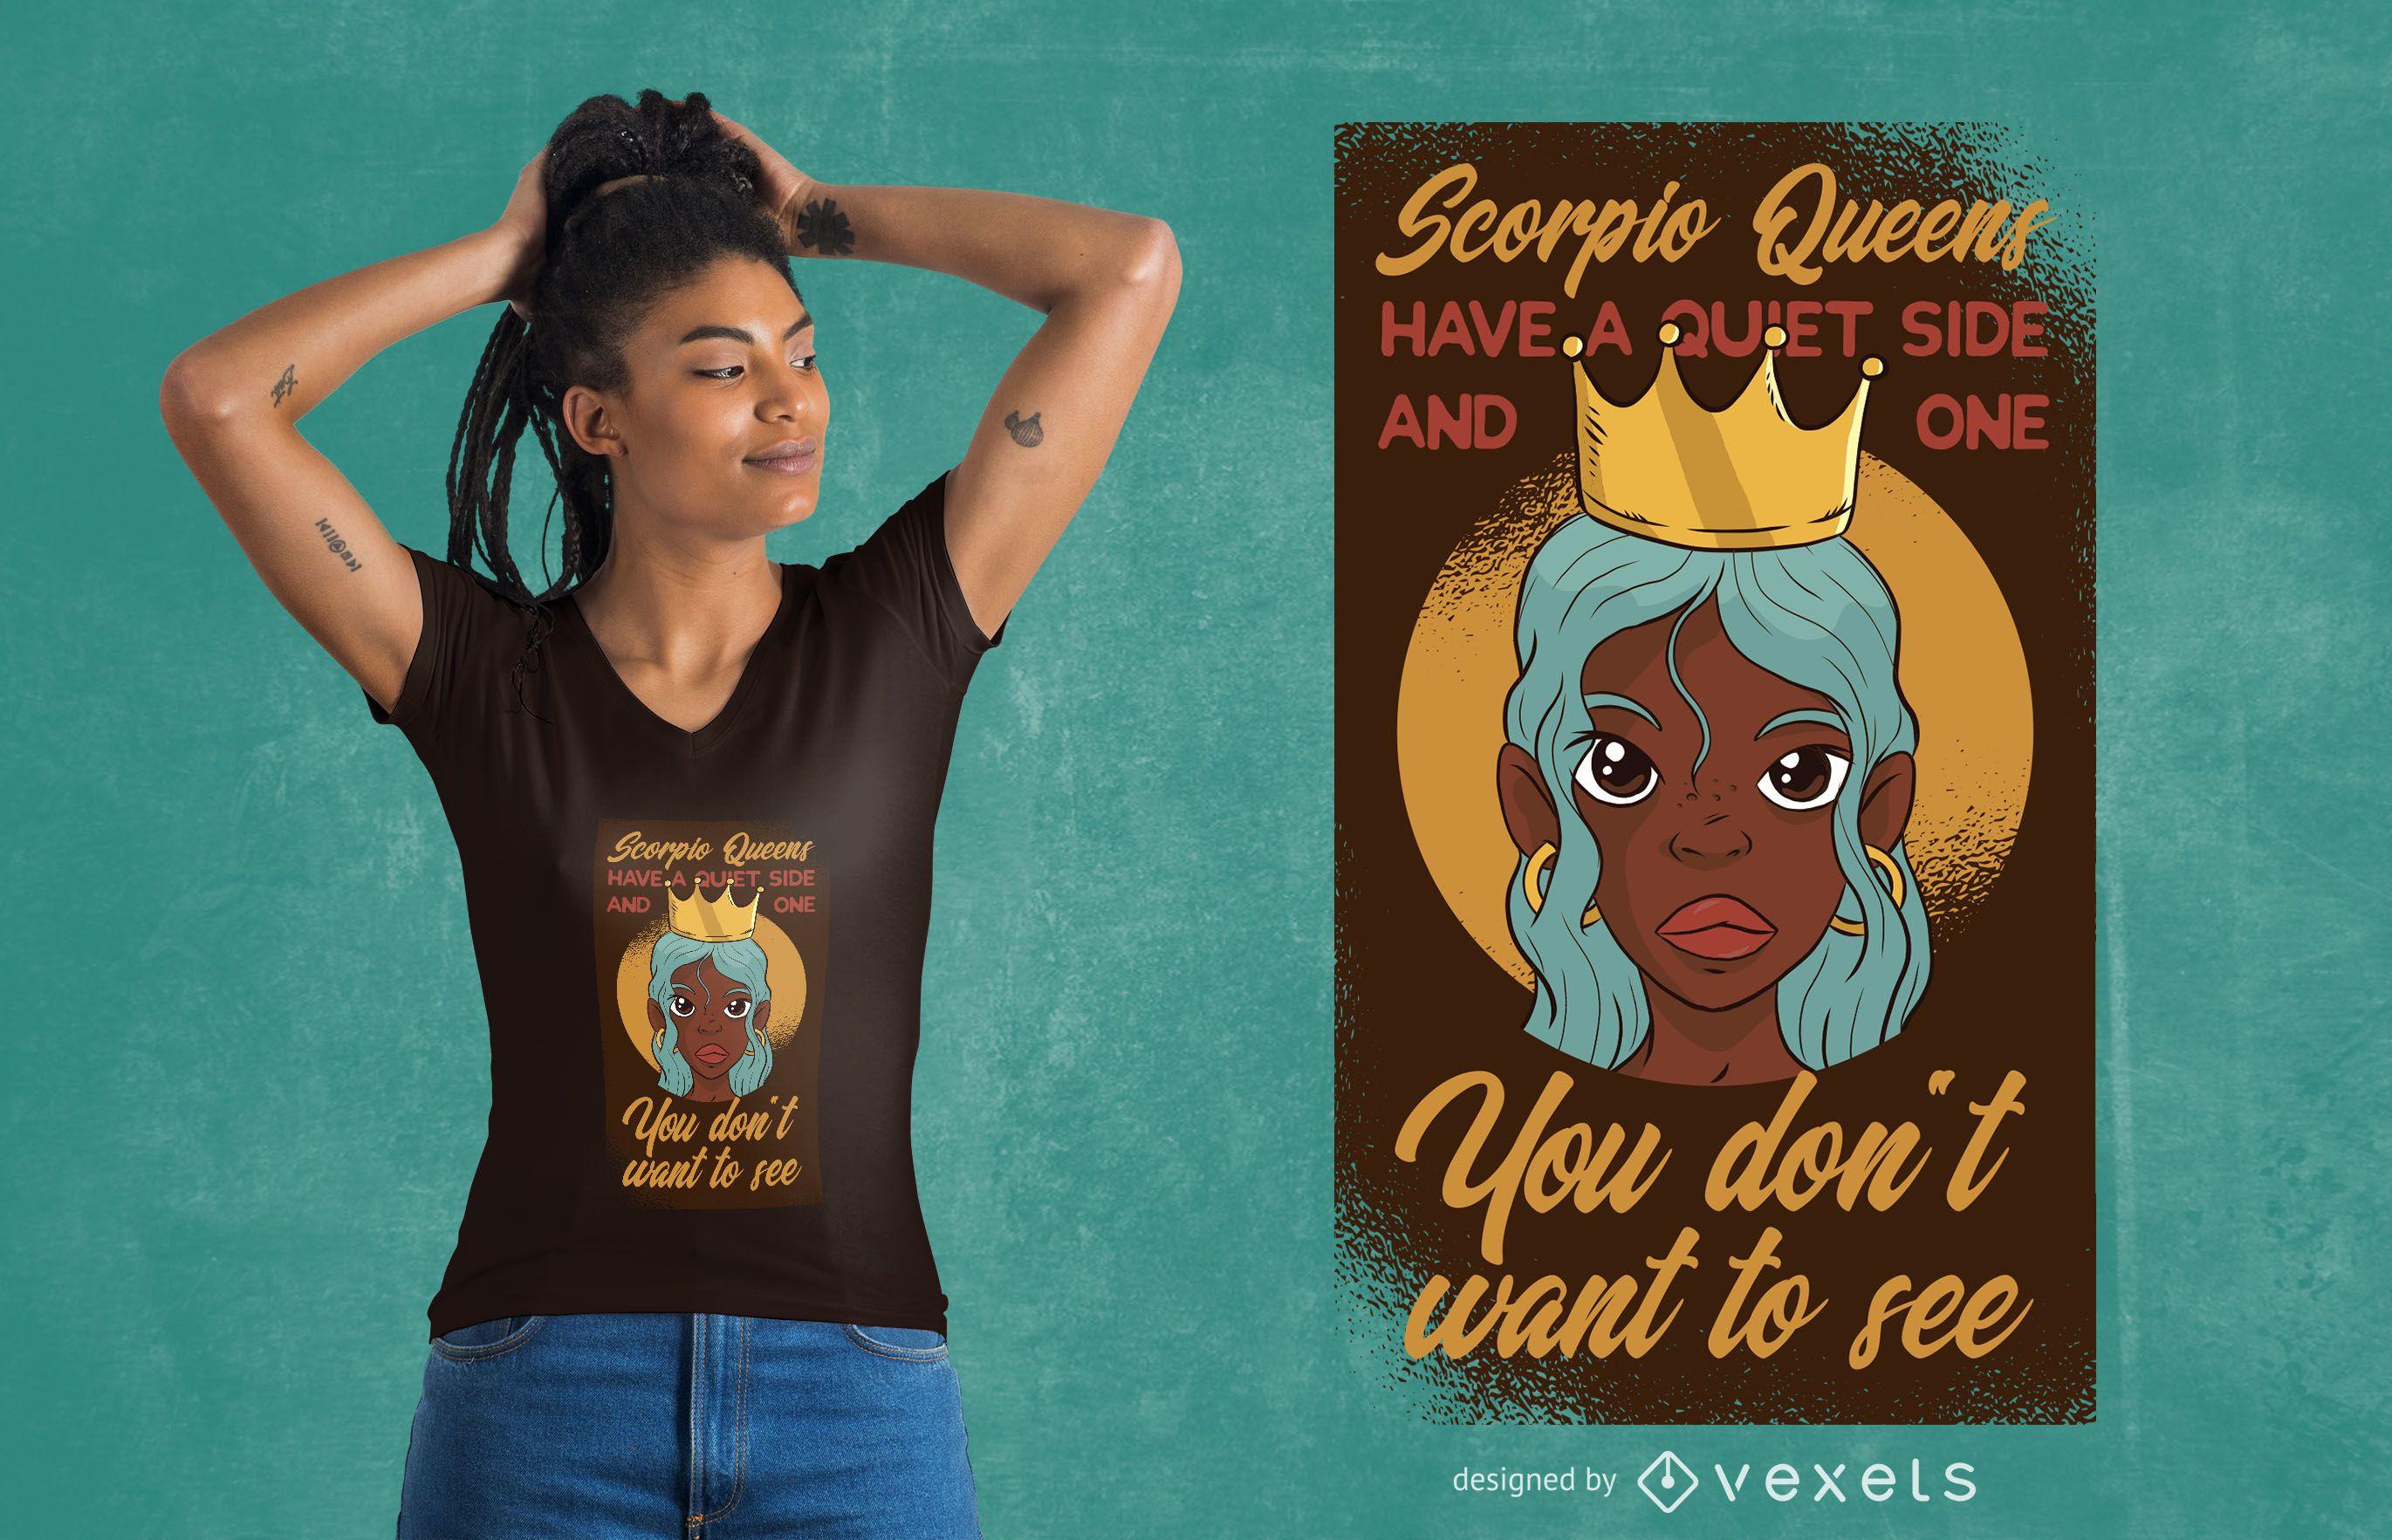 Scorpio Queens T-shirt Design